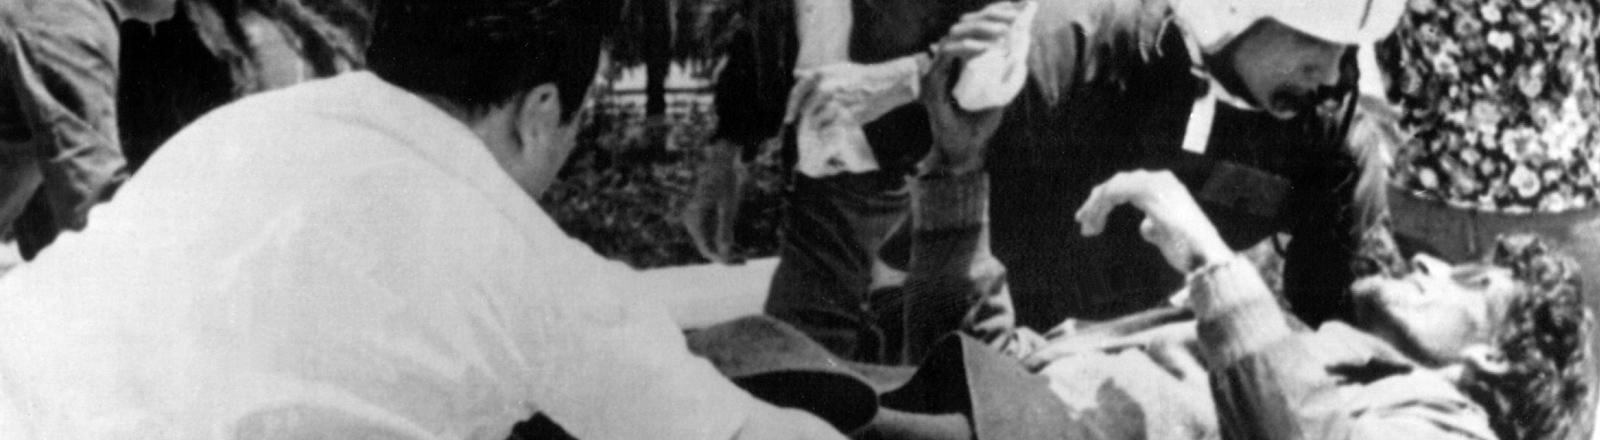 Ein Überlebender der Flugzeugkatastrophe wird am 23. Dezember 1972 in Santiago de Chile in ein Krankenhaus eingeliefert.